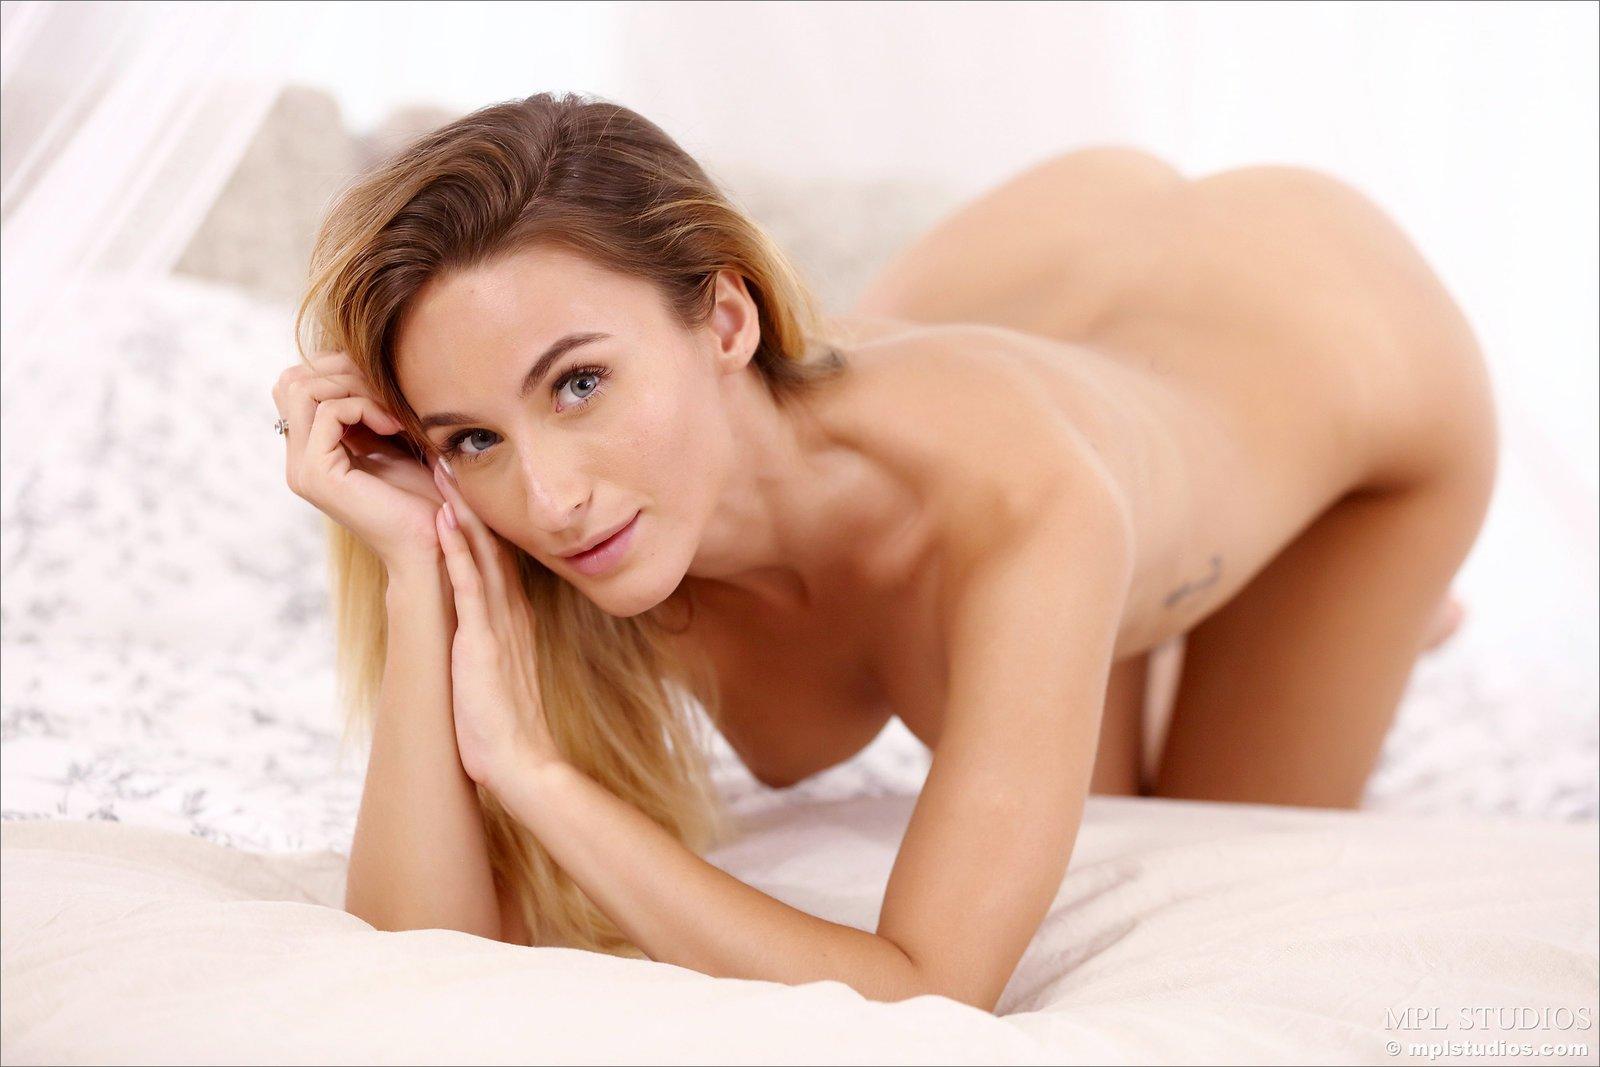 Привлекательная девица показывает киску в постели